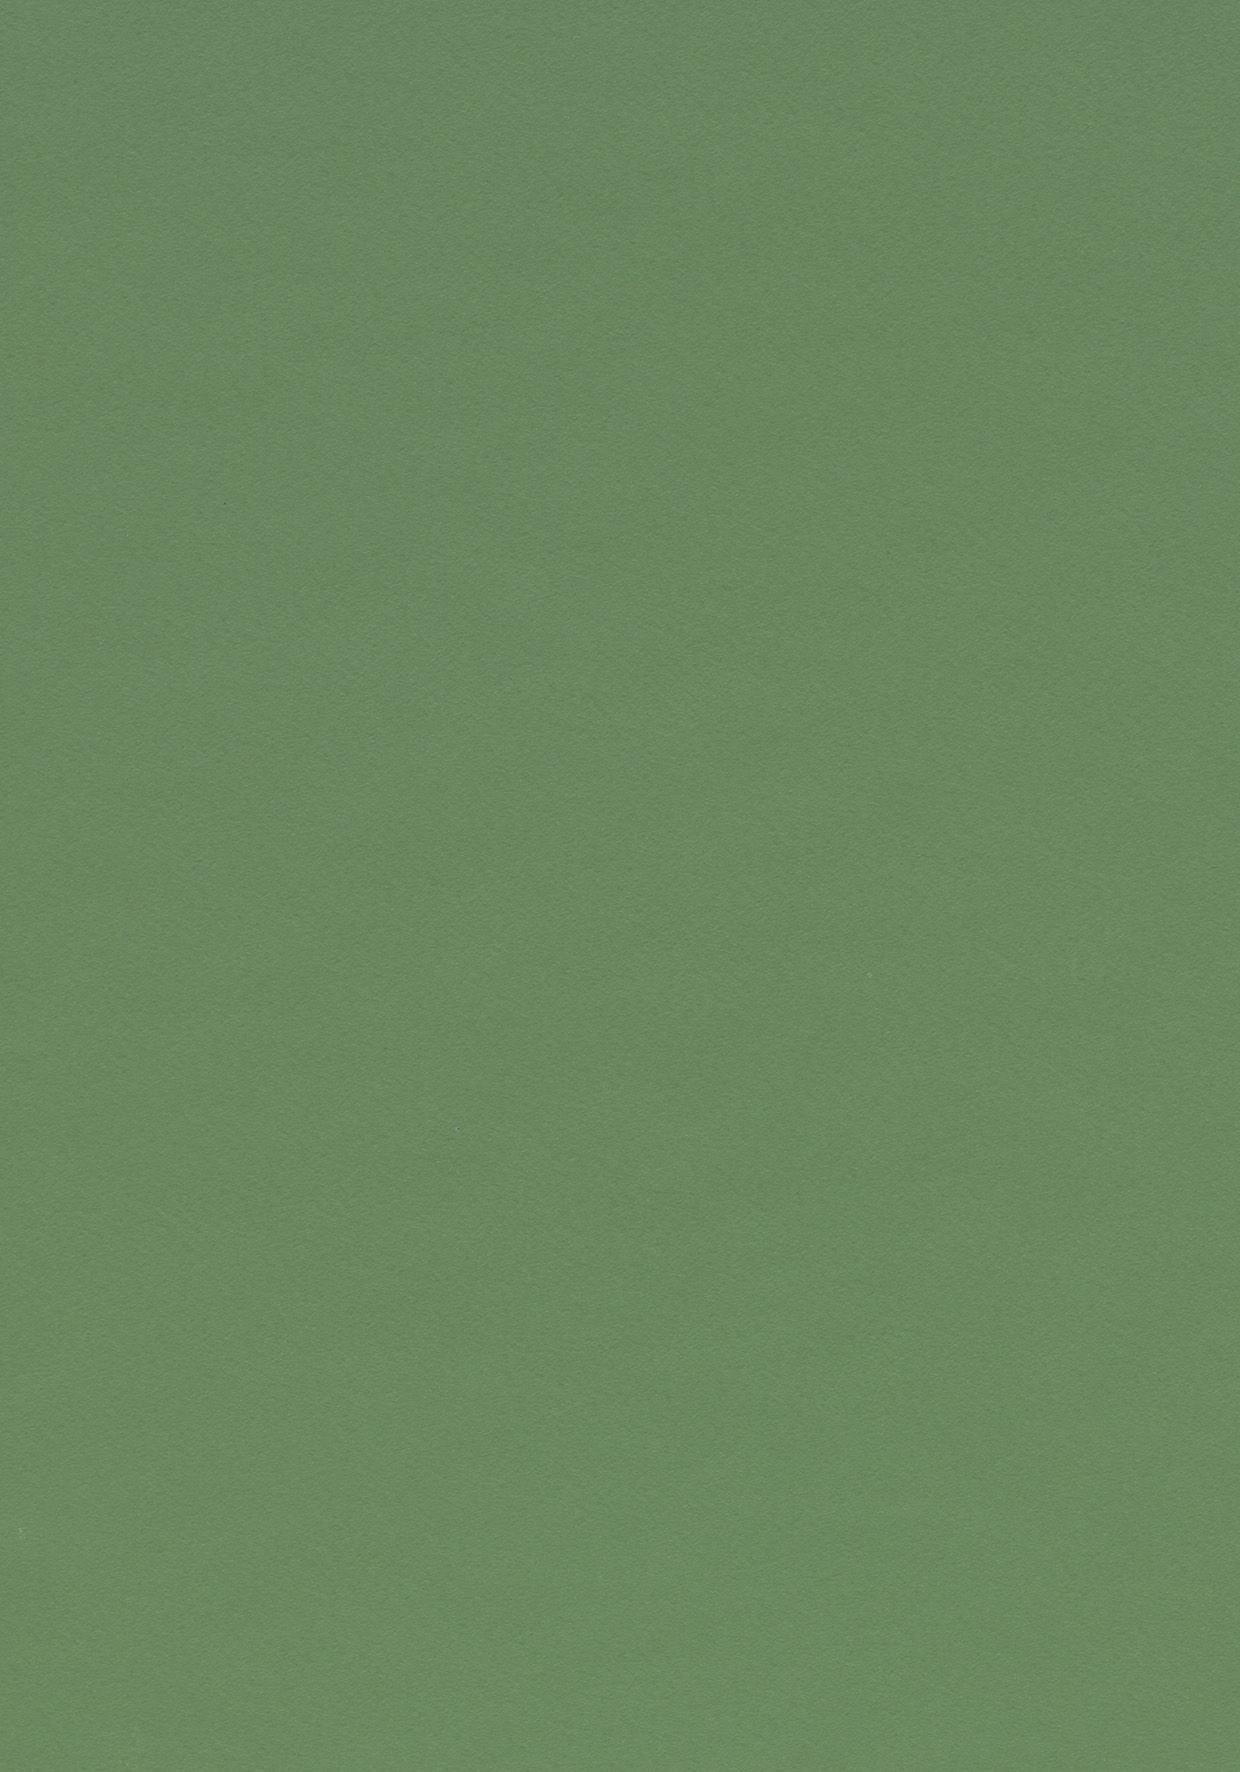 colour olive 4184 desktop furniture linoleum forbo olive green olivegreen mit. Black Bedroom Furniture Sets. Home Design Ideas